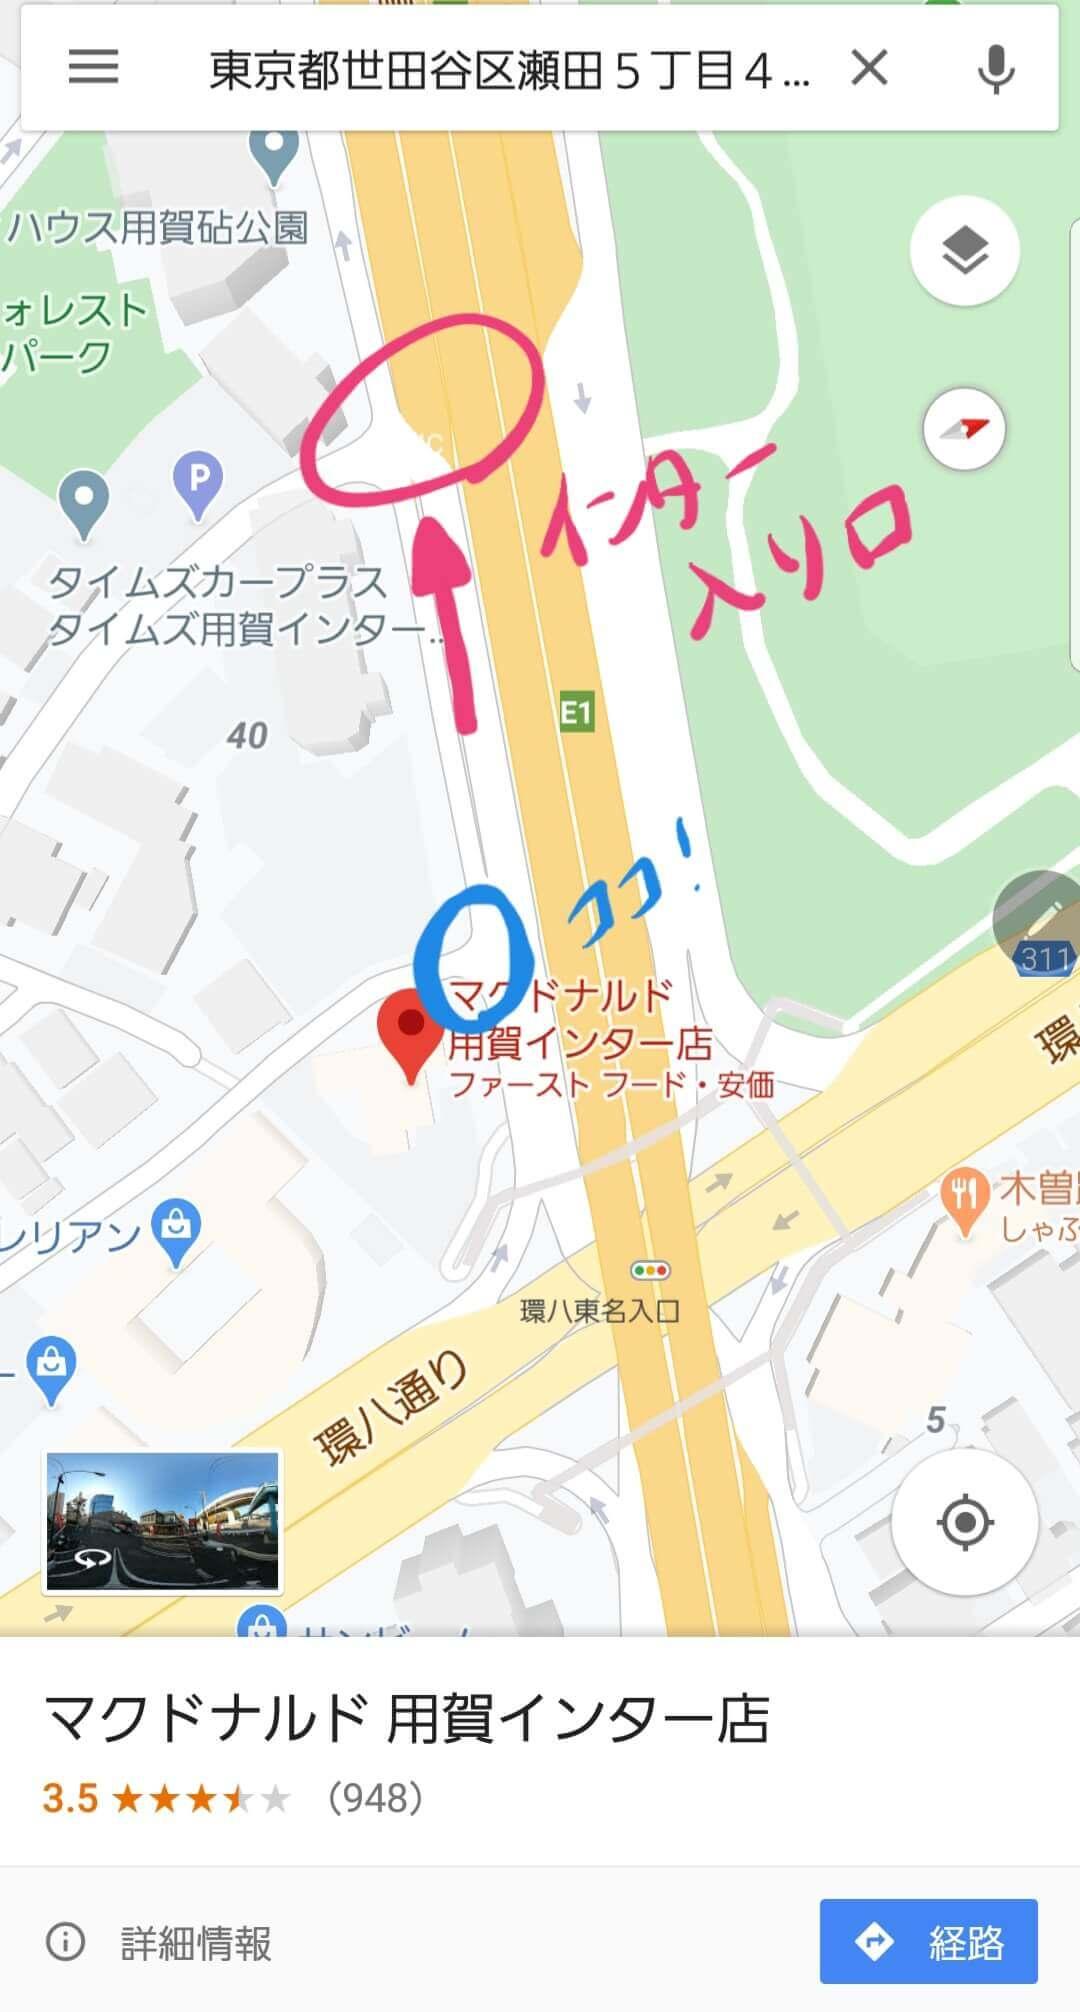 ヒッチハイクの地図